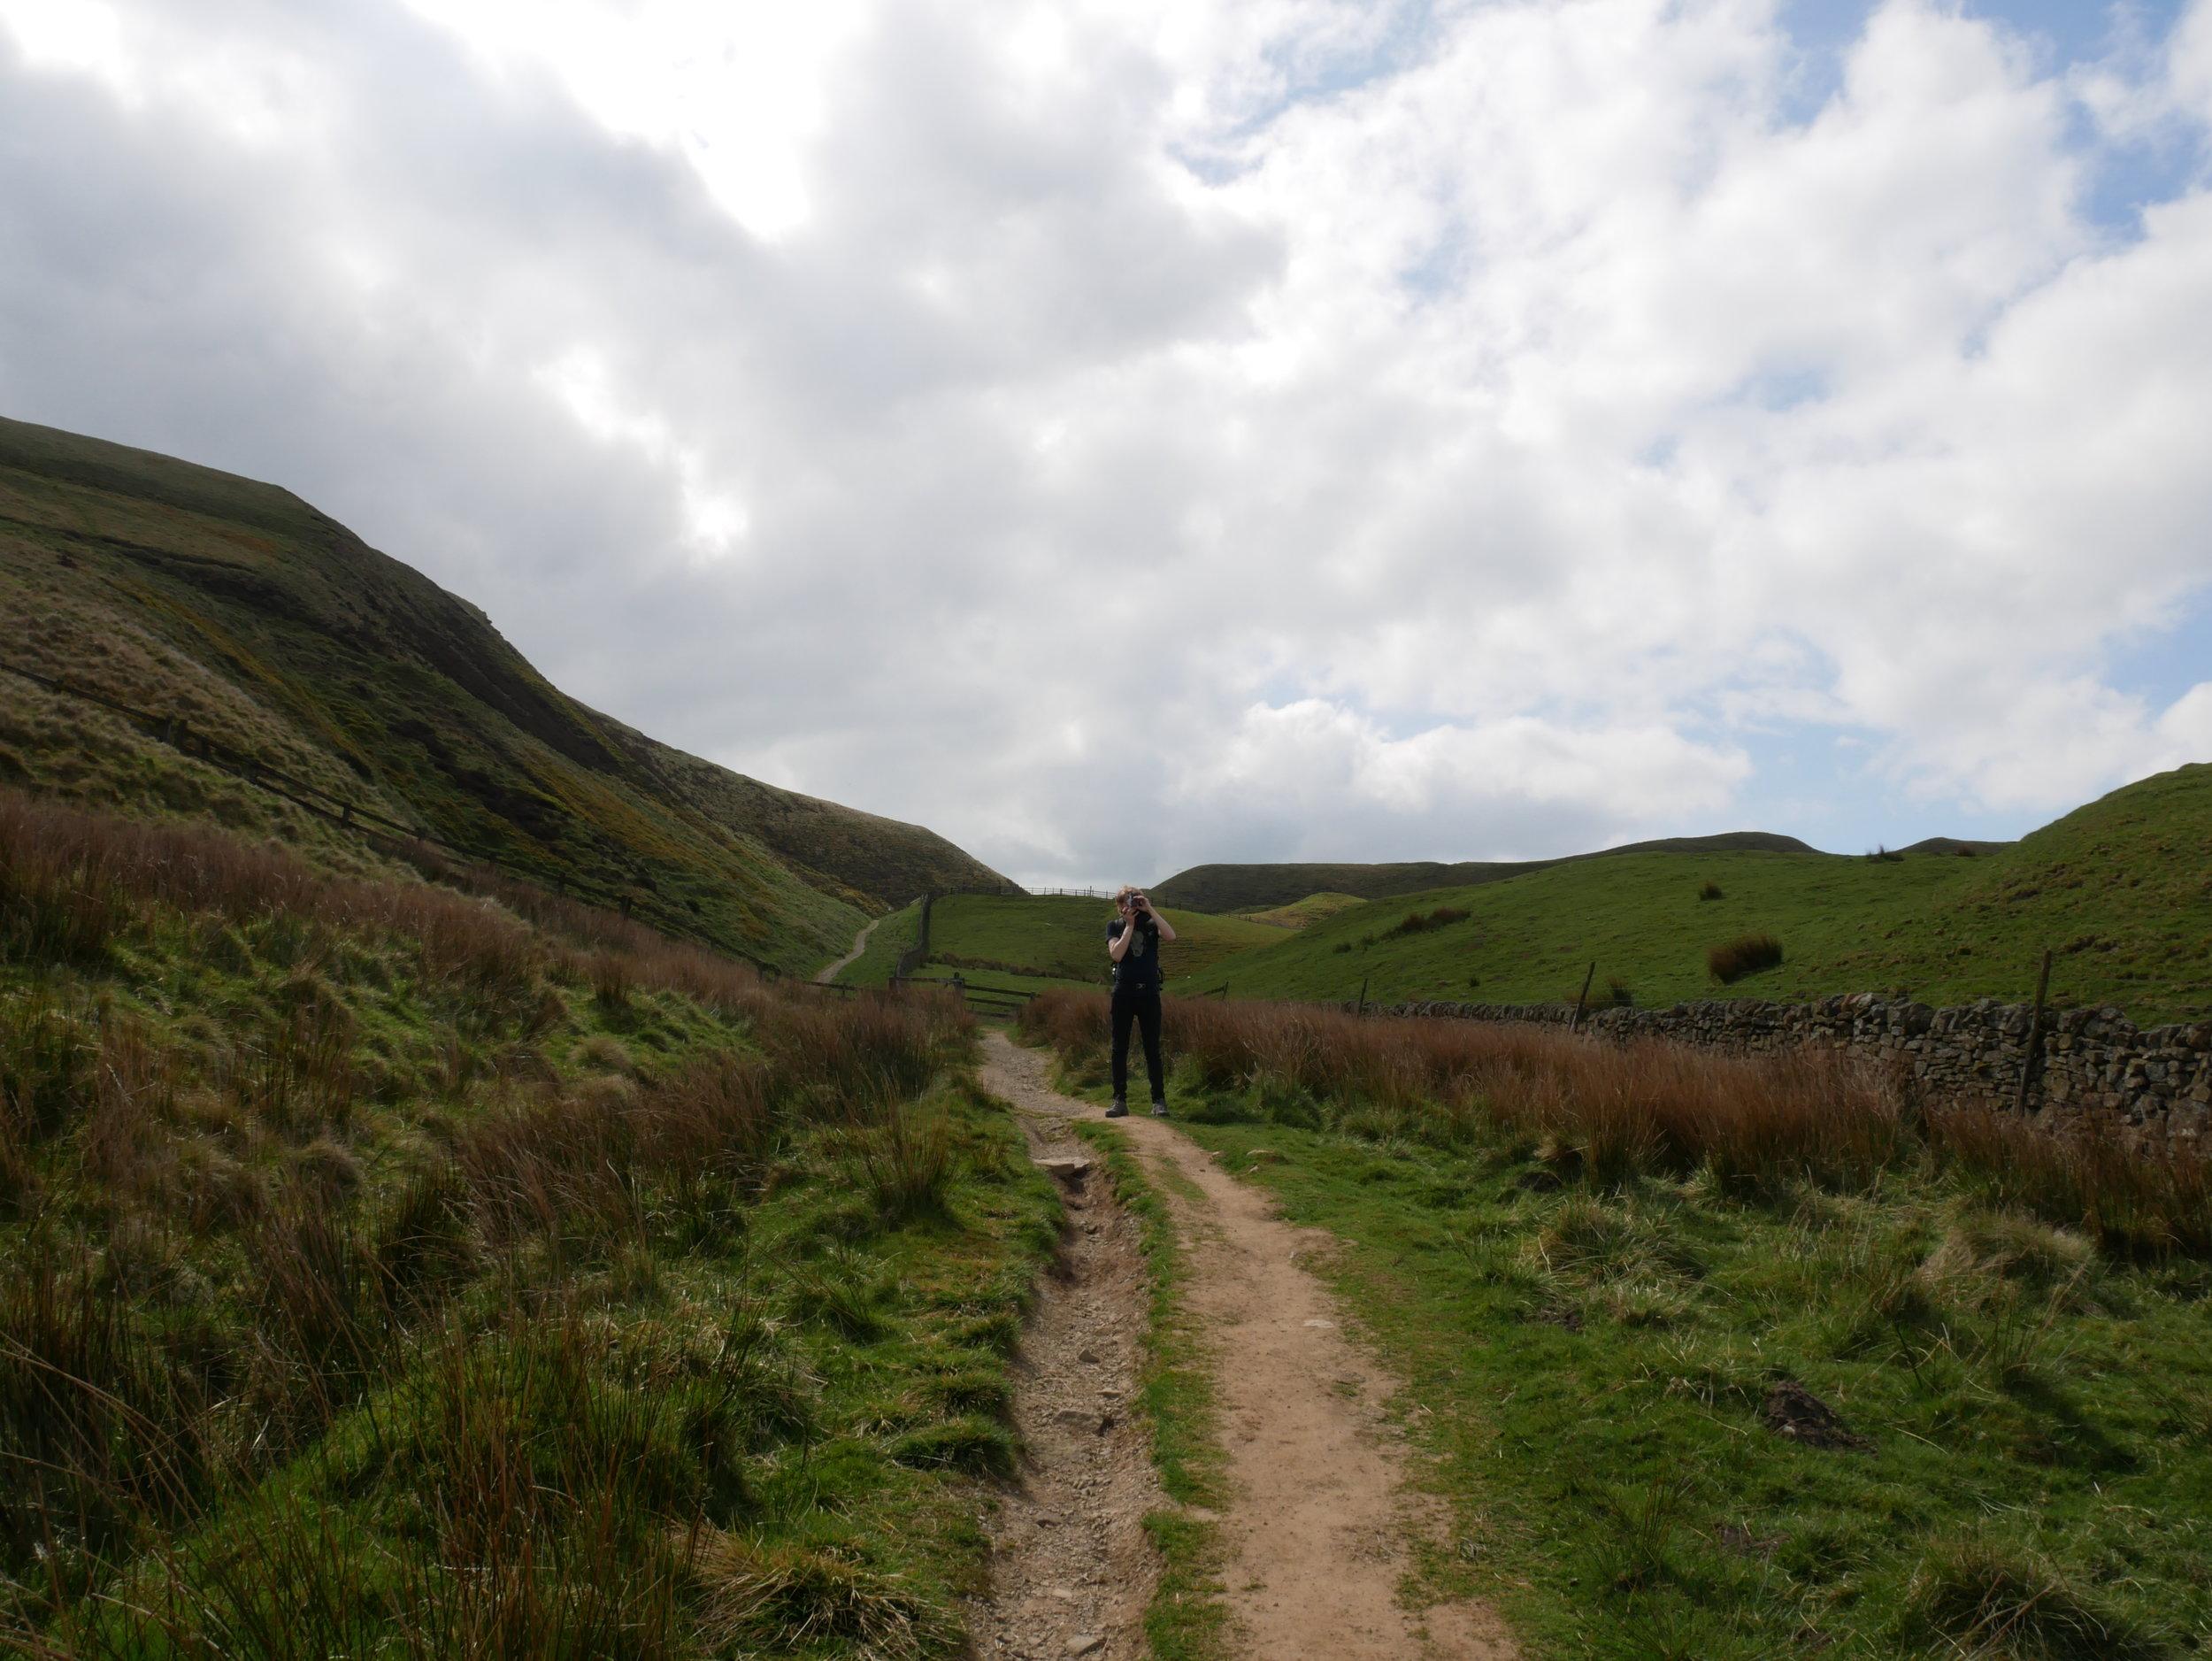 Här står han långt bort på en stig.